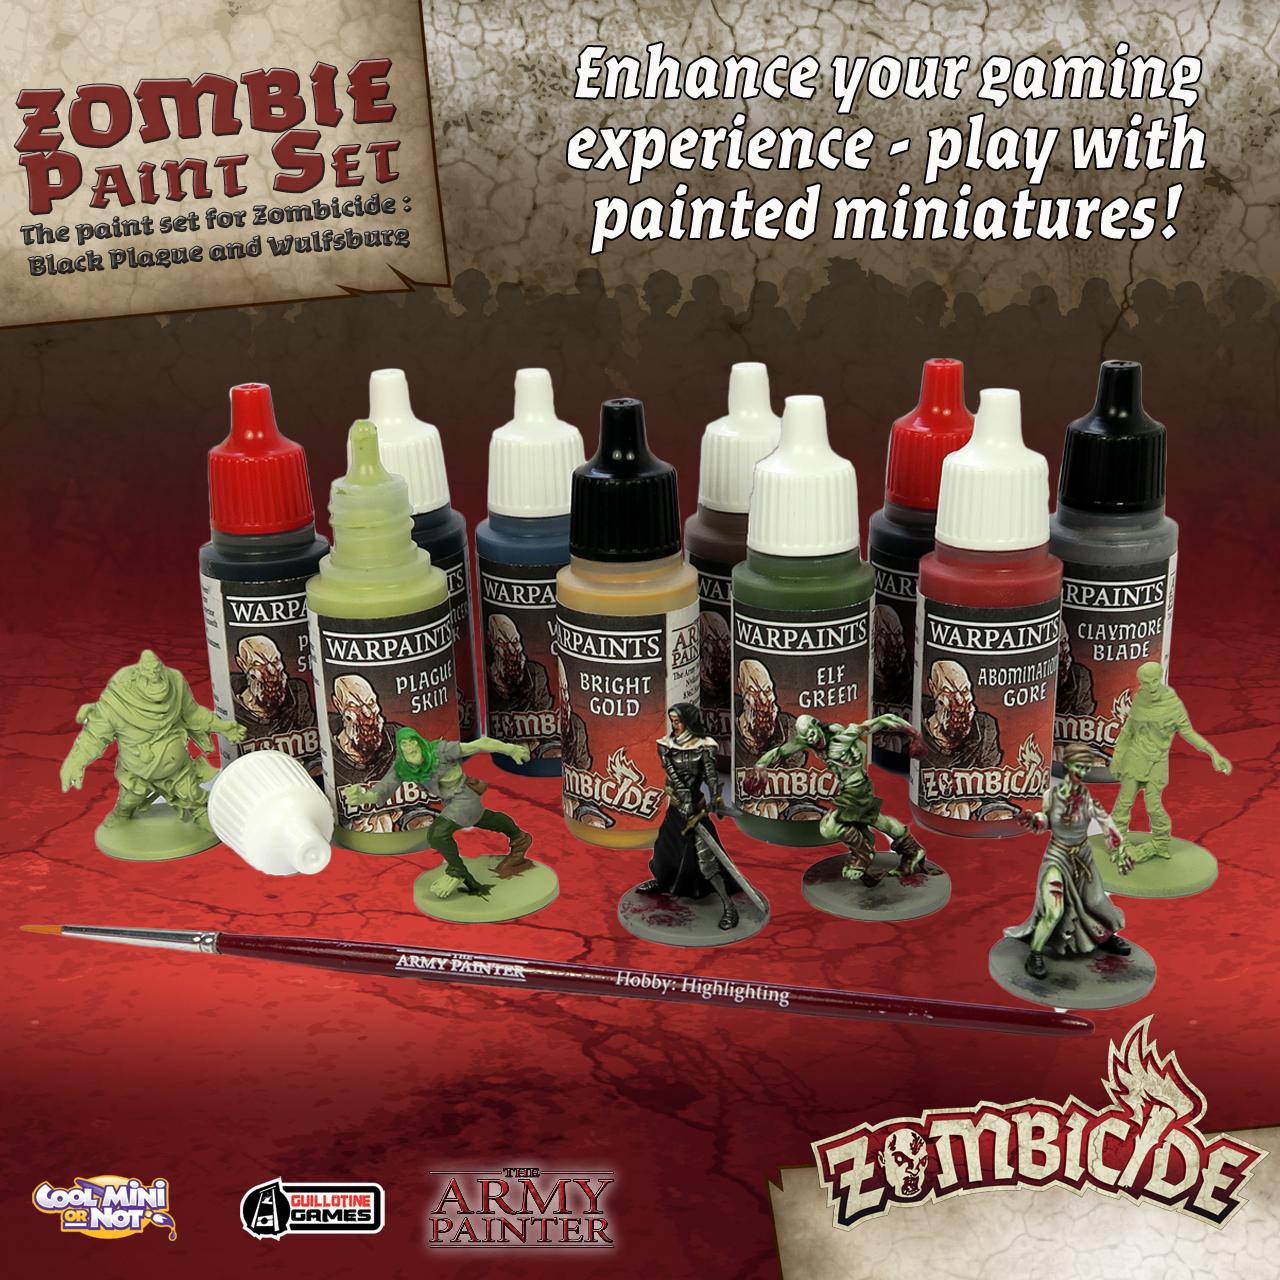 Army Painter Warpaints Zombicide: Black Plague image